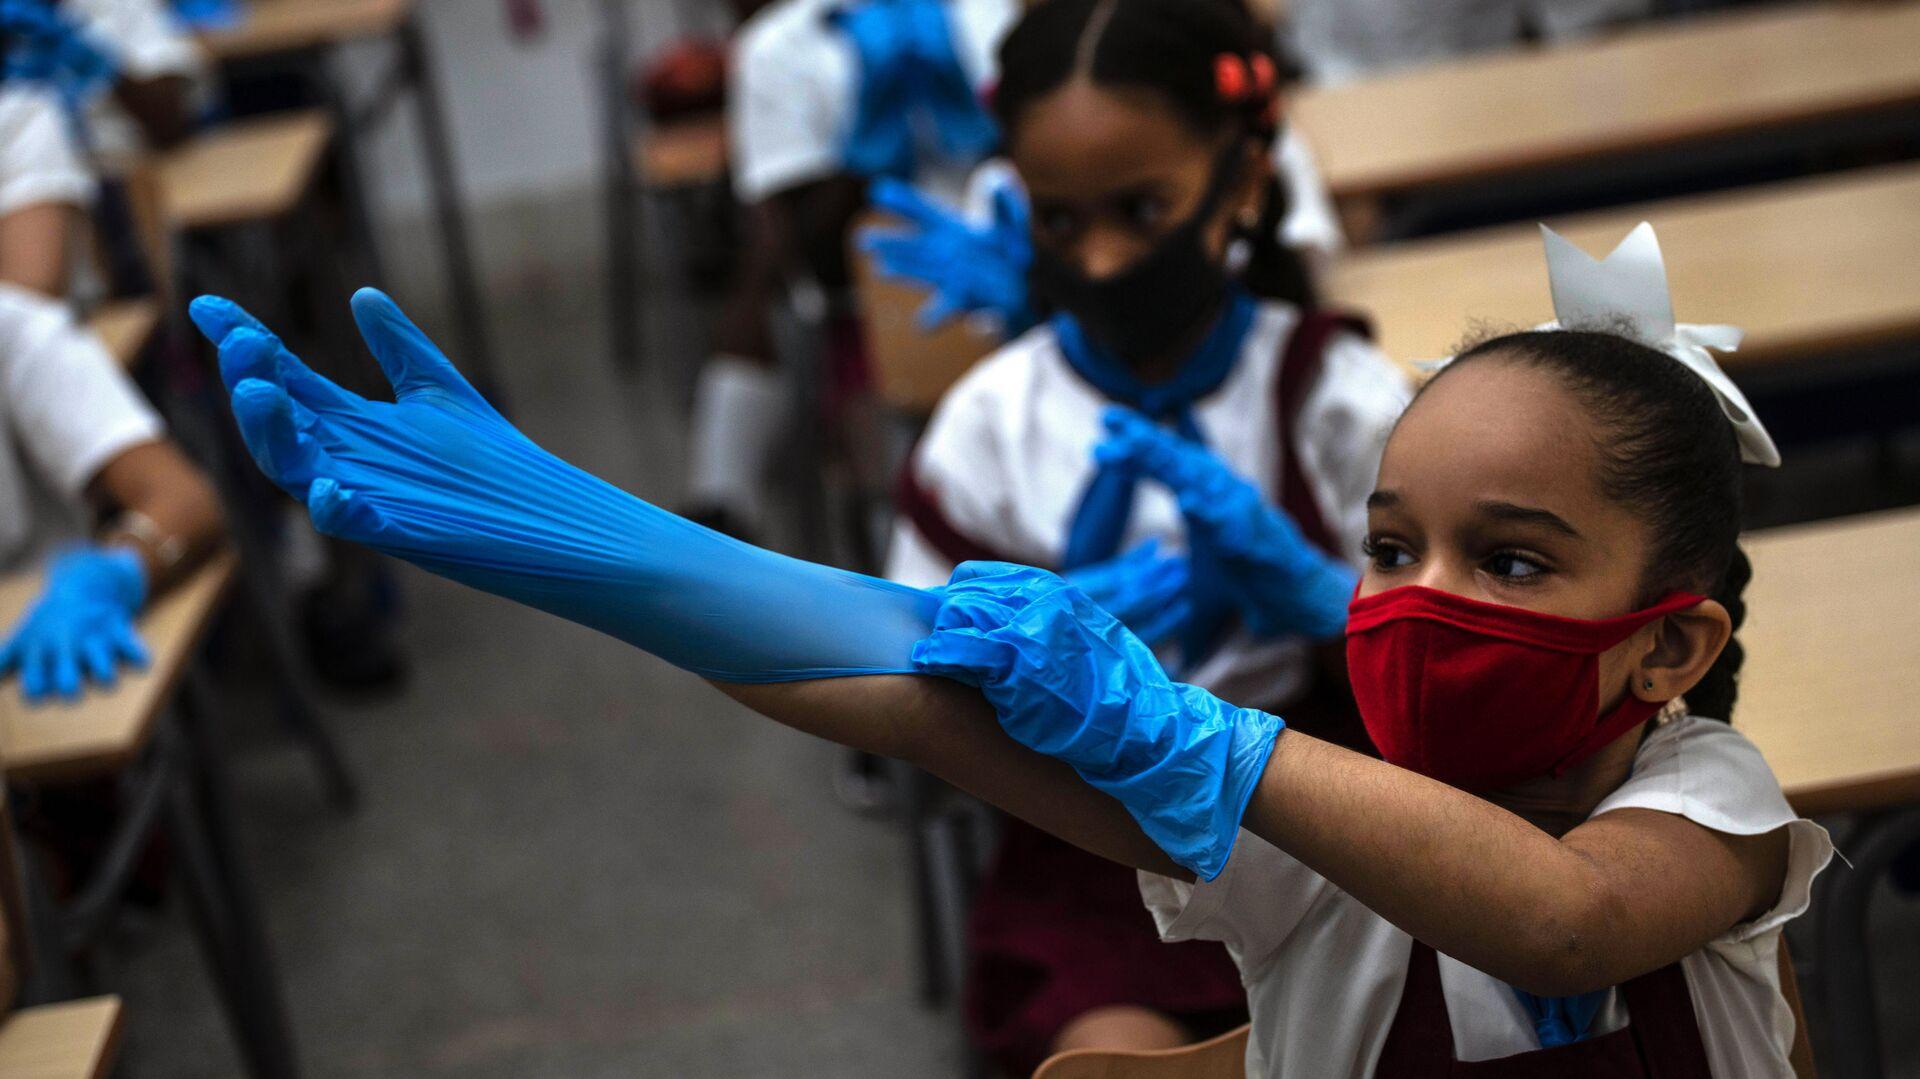 Ученица школы в защитных перчатках и маске в школе, Гавана  - Sputnik Mundo, 1920, 22.07.2021